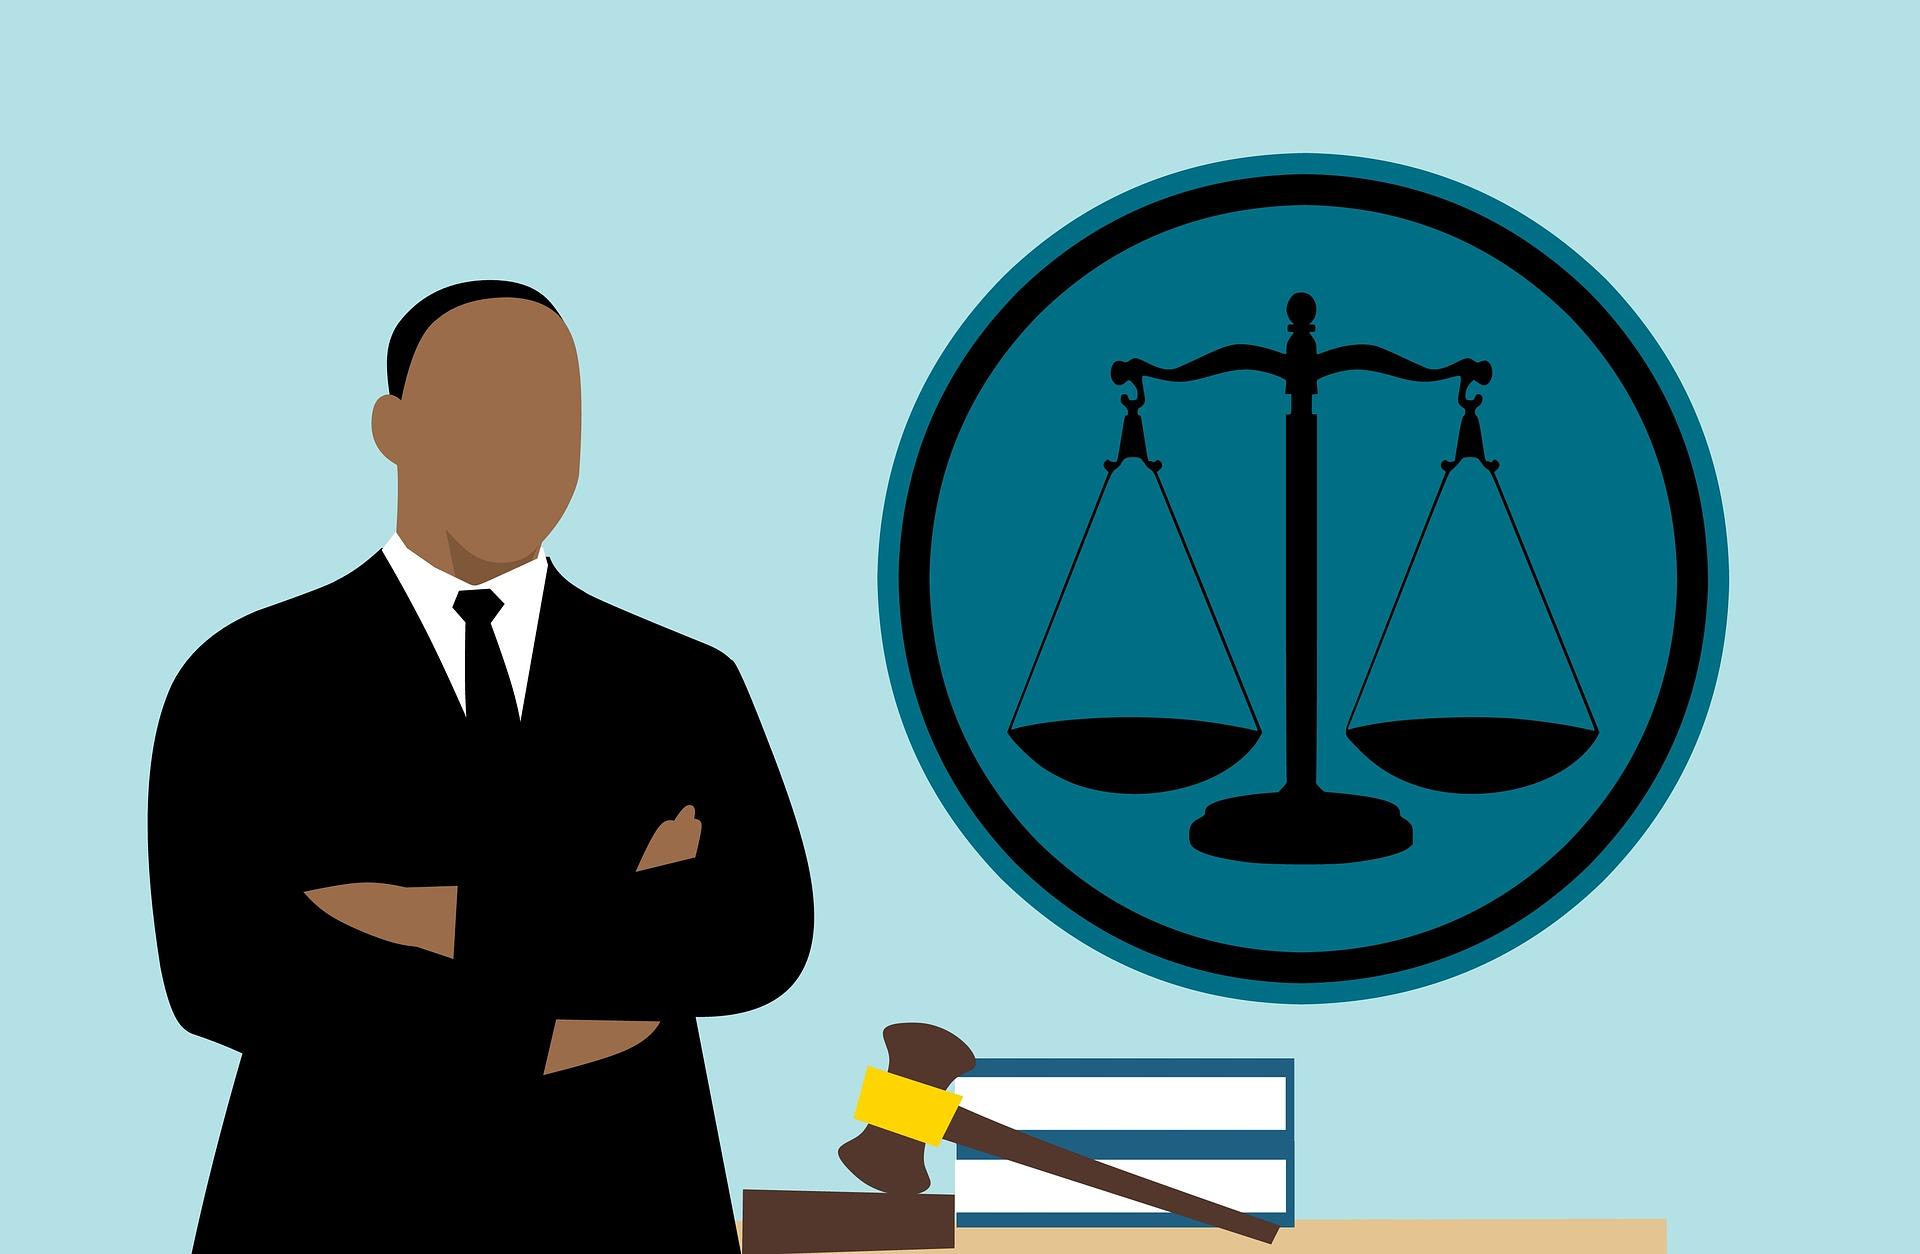 (Ελληνικά) 69 Γλωσσομαθείς Νομικοί στο Δικαστήριο της ΕΕ